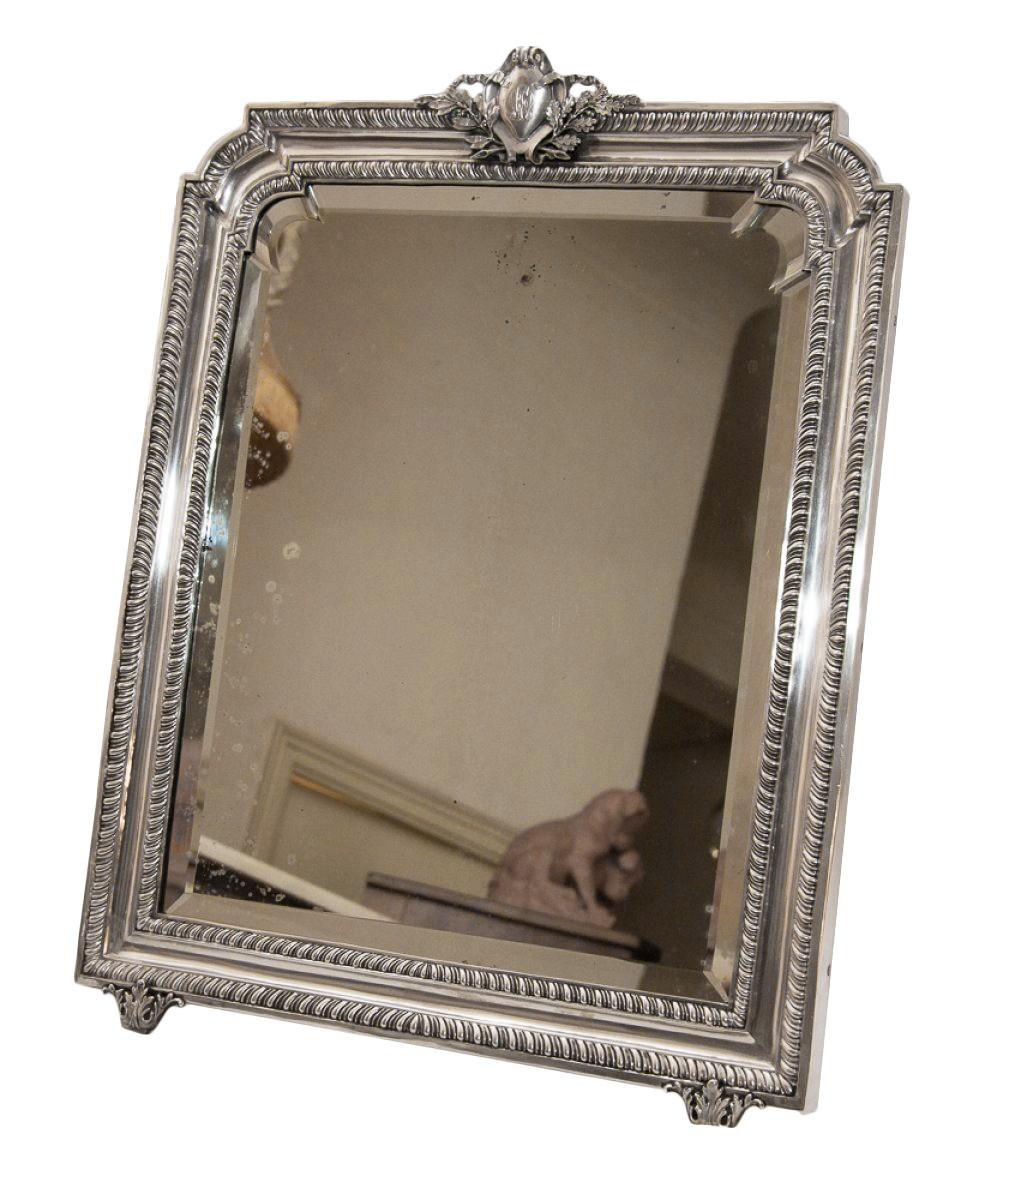 grand miroir de table en argent massif poque 1900 xxe si cle. Black Bedroom Furniture Sets. Home Design Ideas